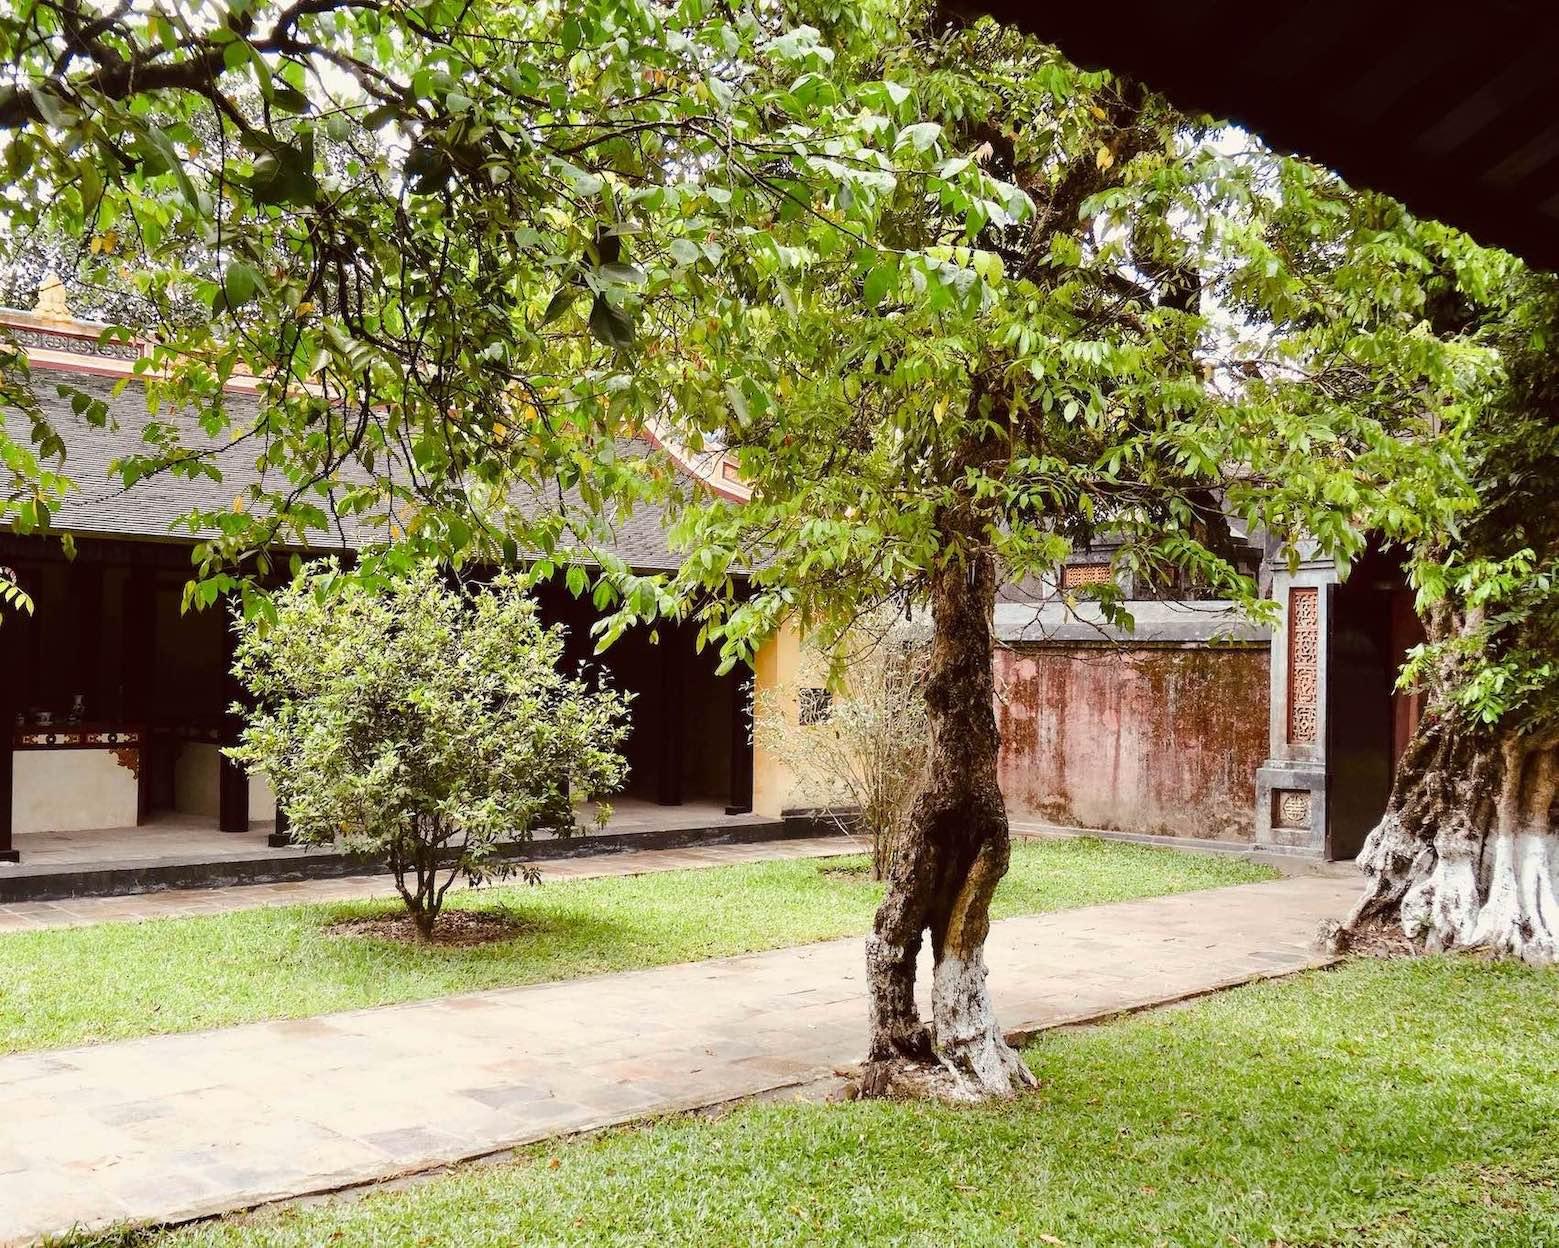 Visit the Mausoleum of Emperor Tu Duc